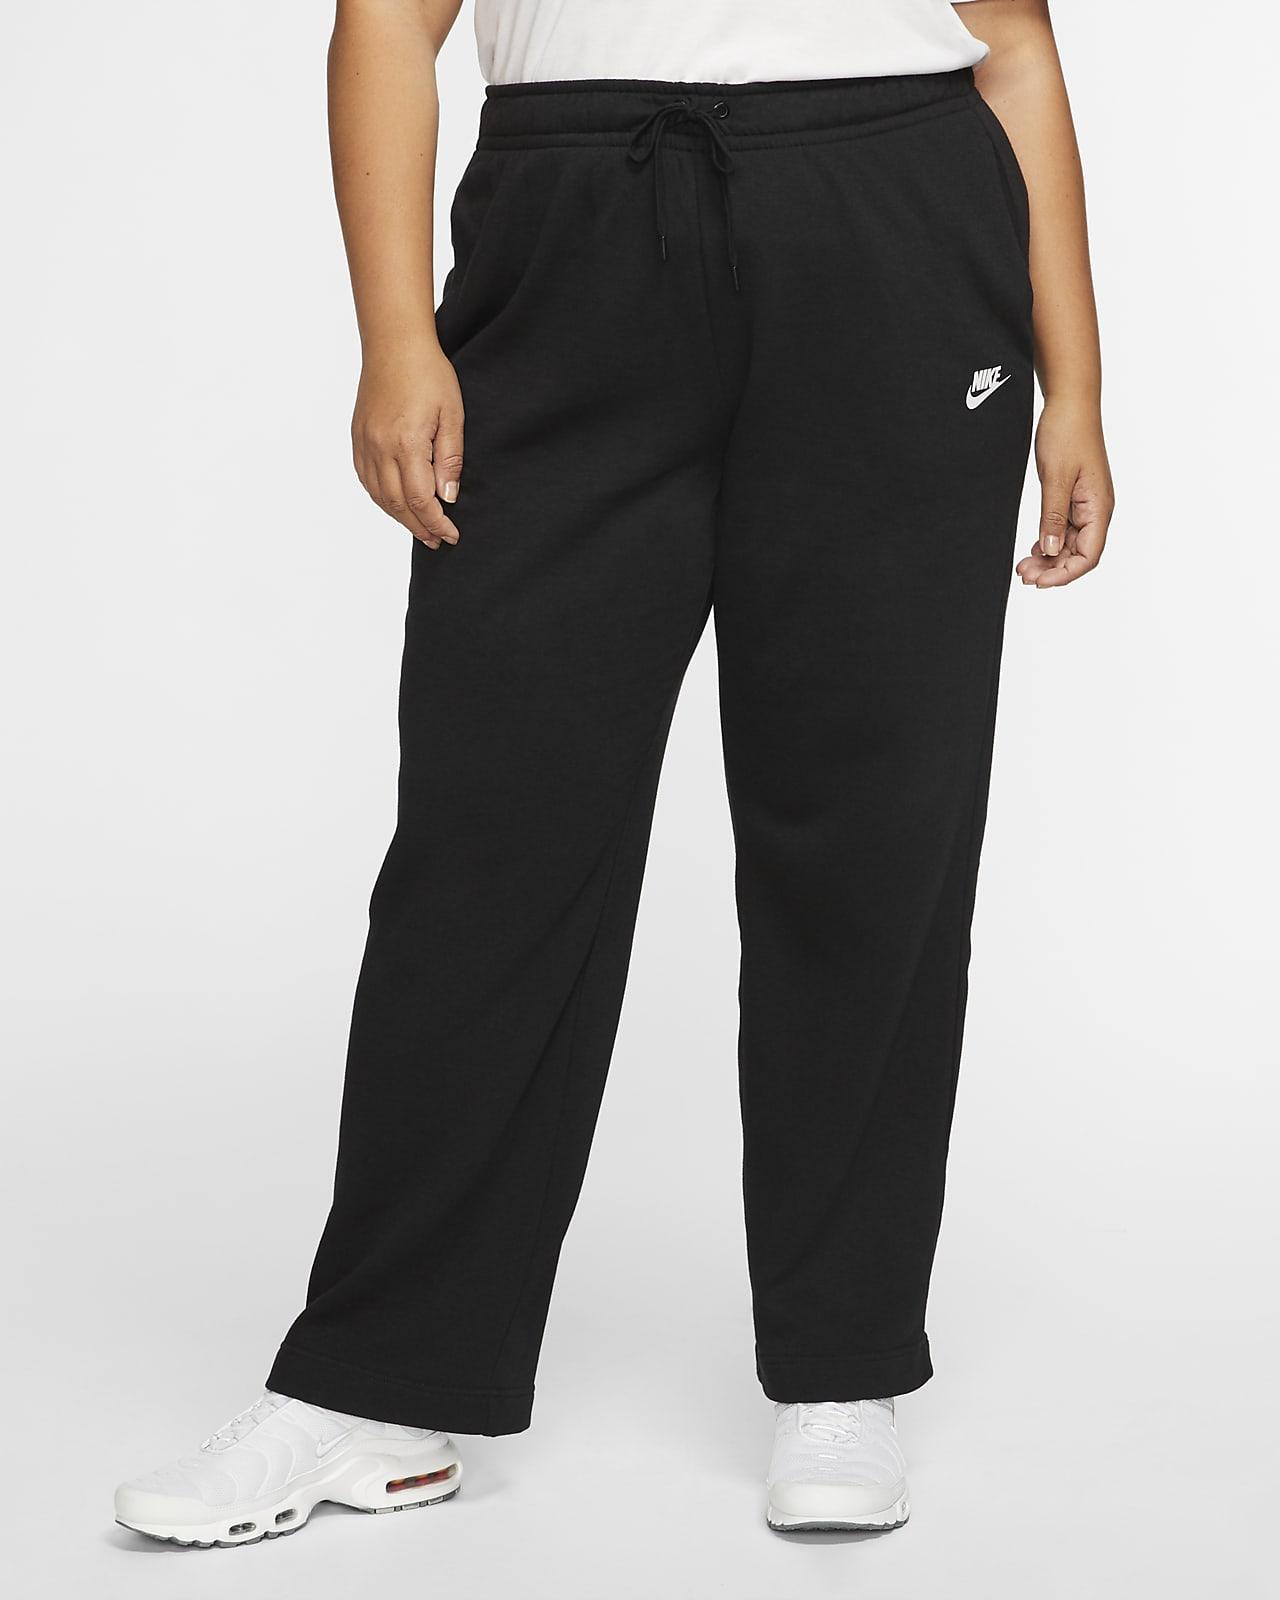 Nike Sportswear Club Fleece Women's Pants (Plus Size)